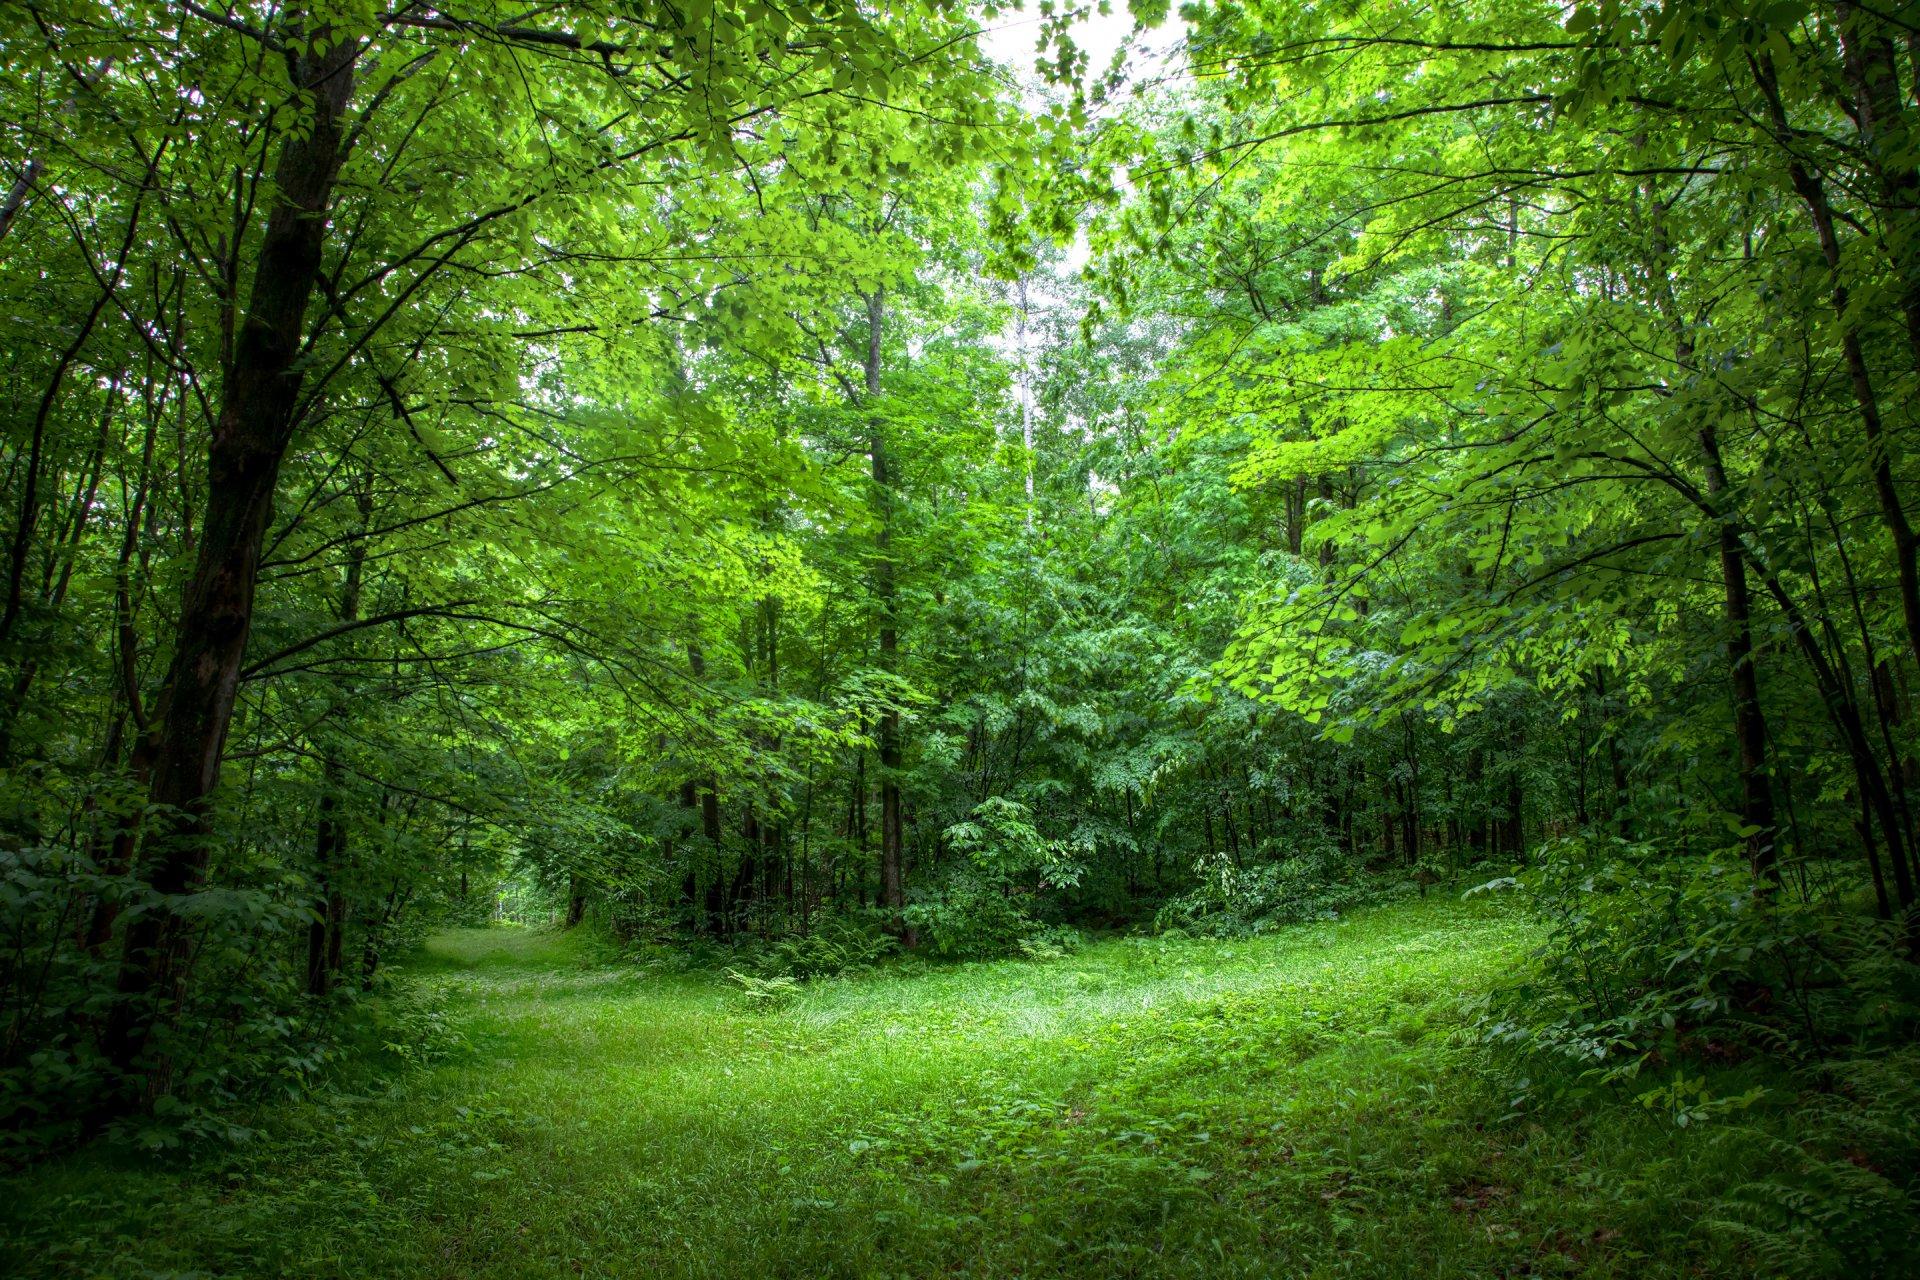 лес деревья опушка листья лето HD обои для ноутбука